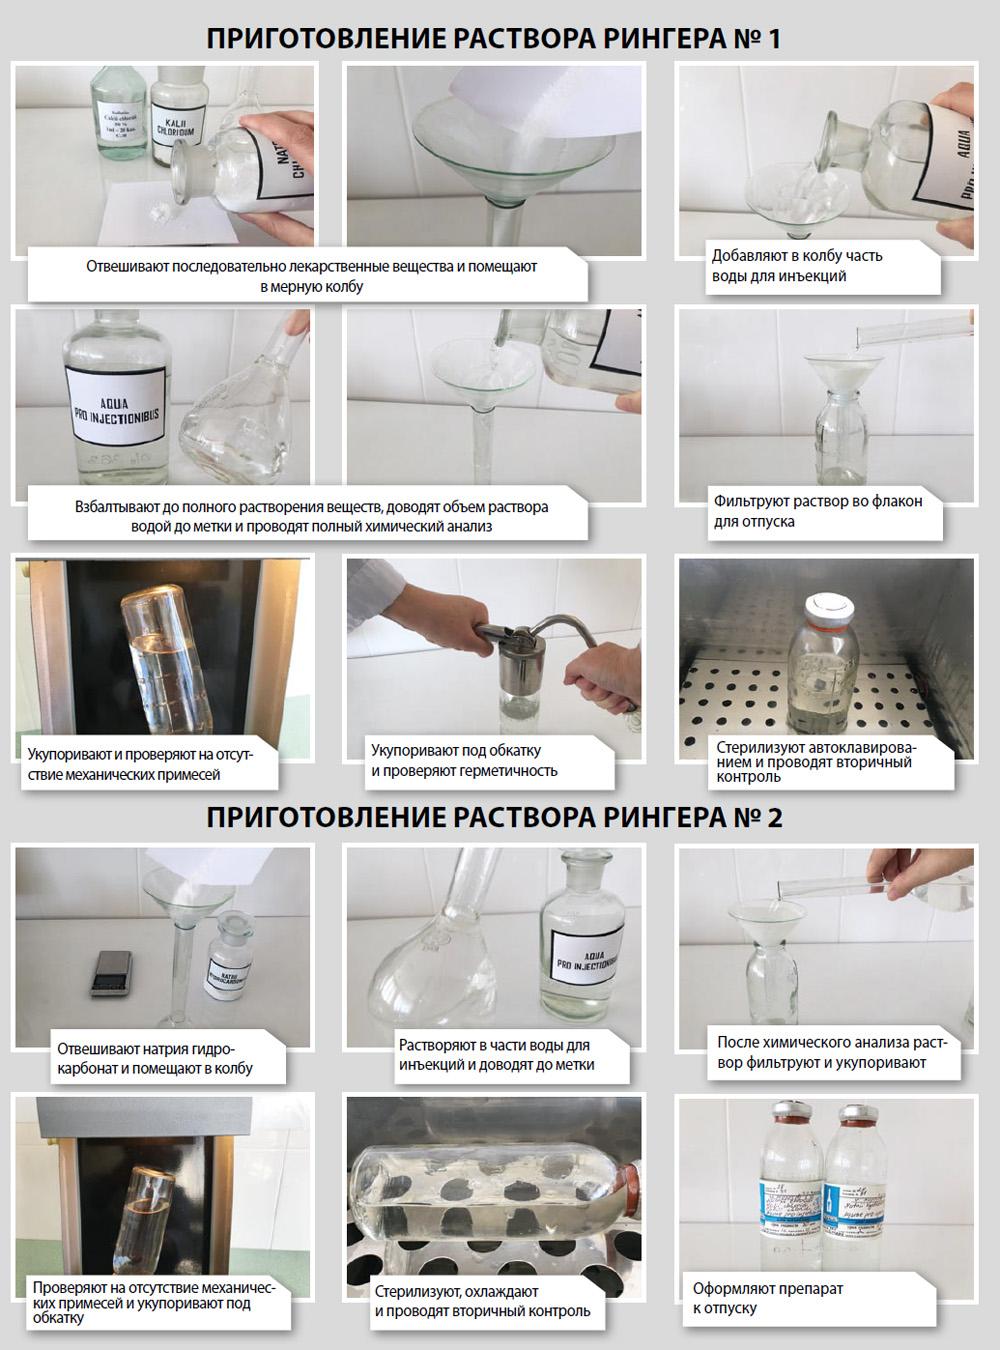 приготовление раствора рингера